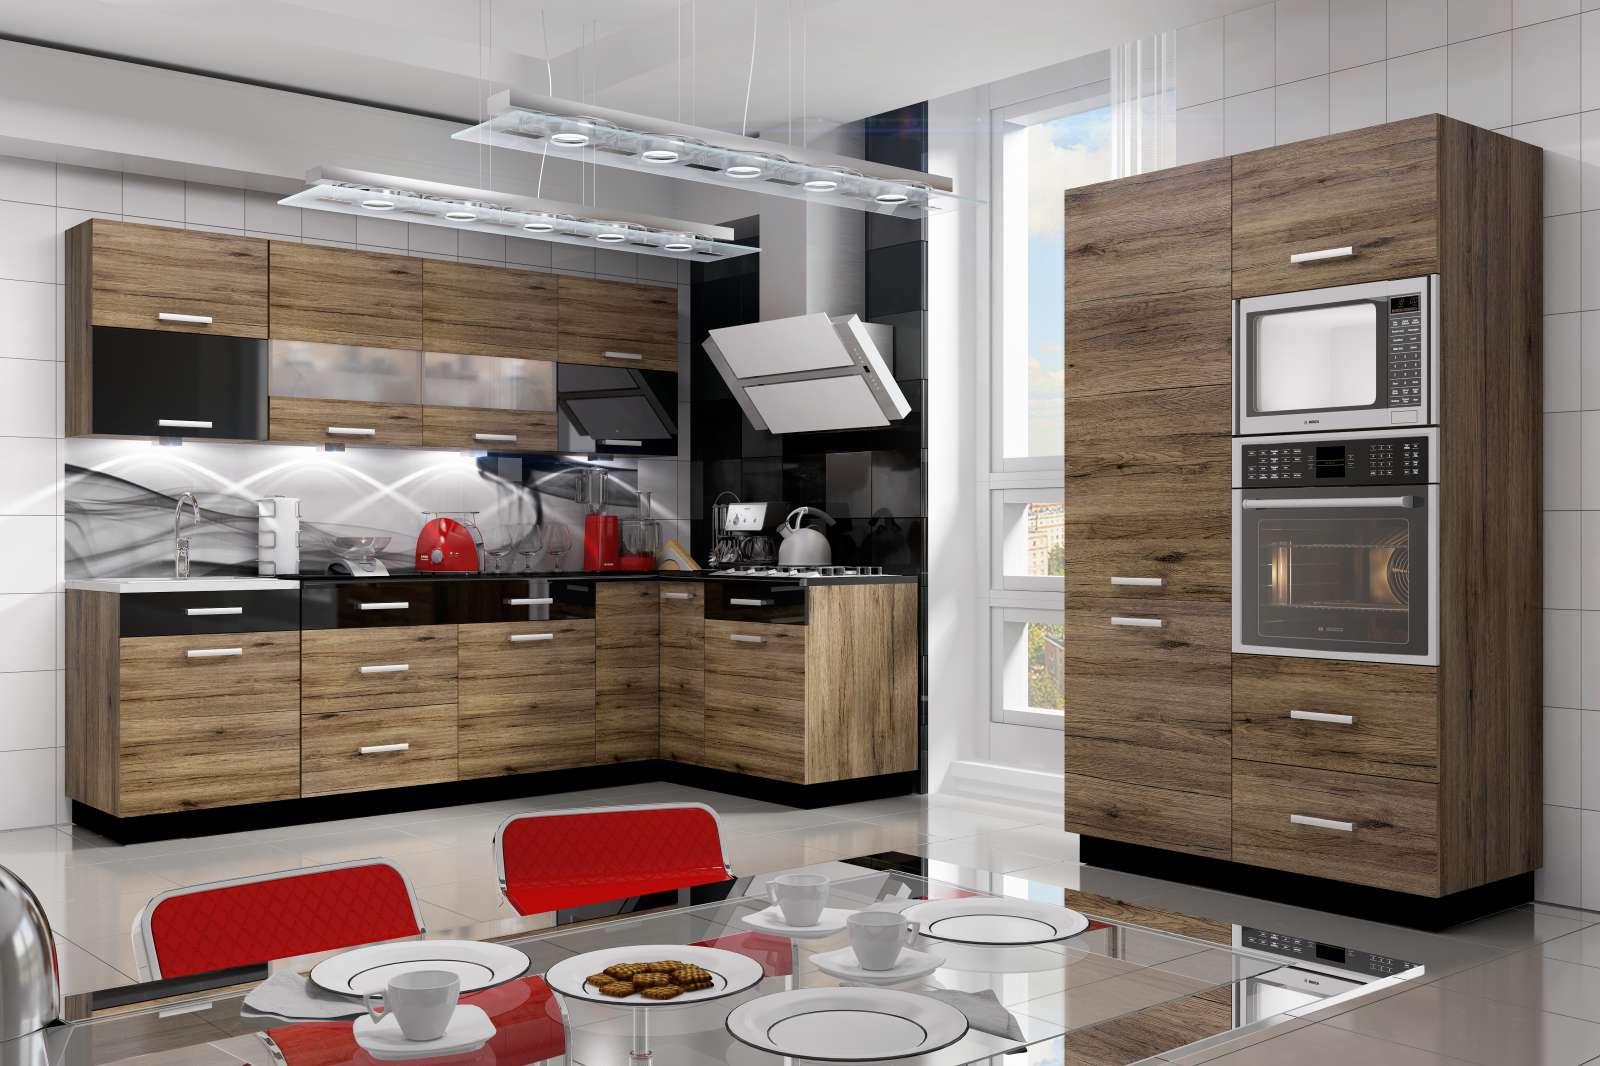 Kuchyňská linka Iga 4